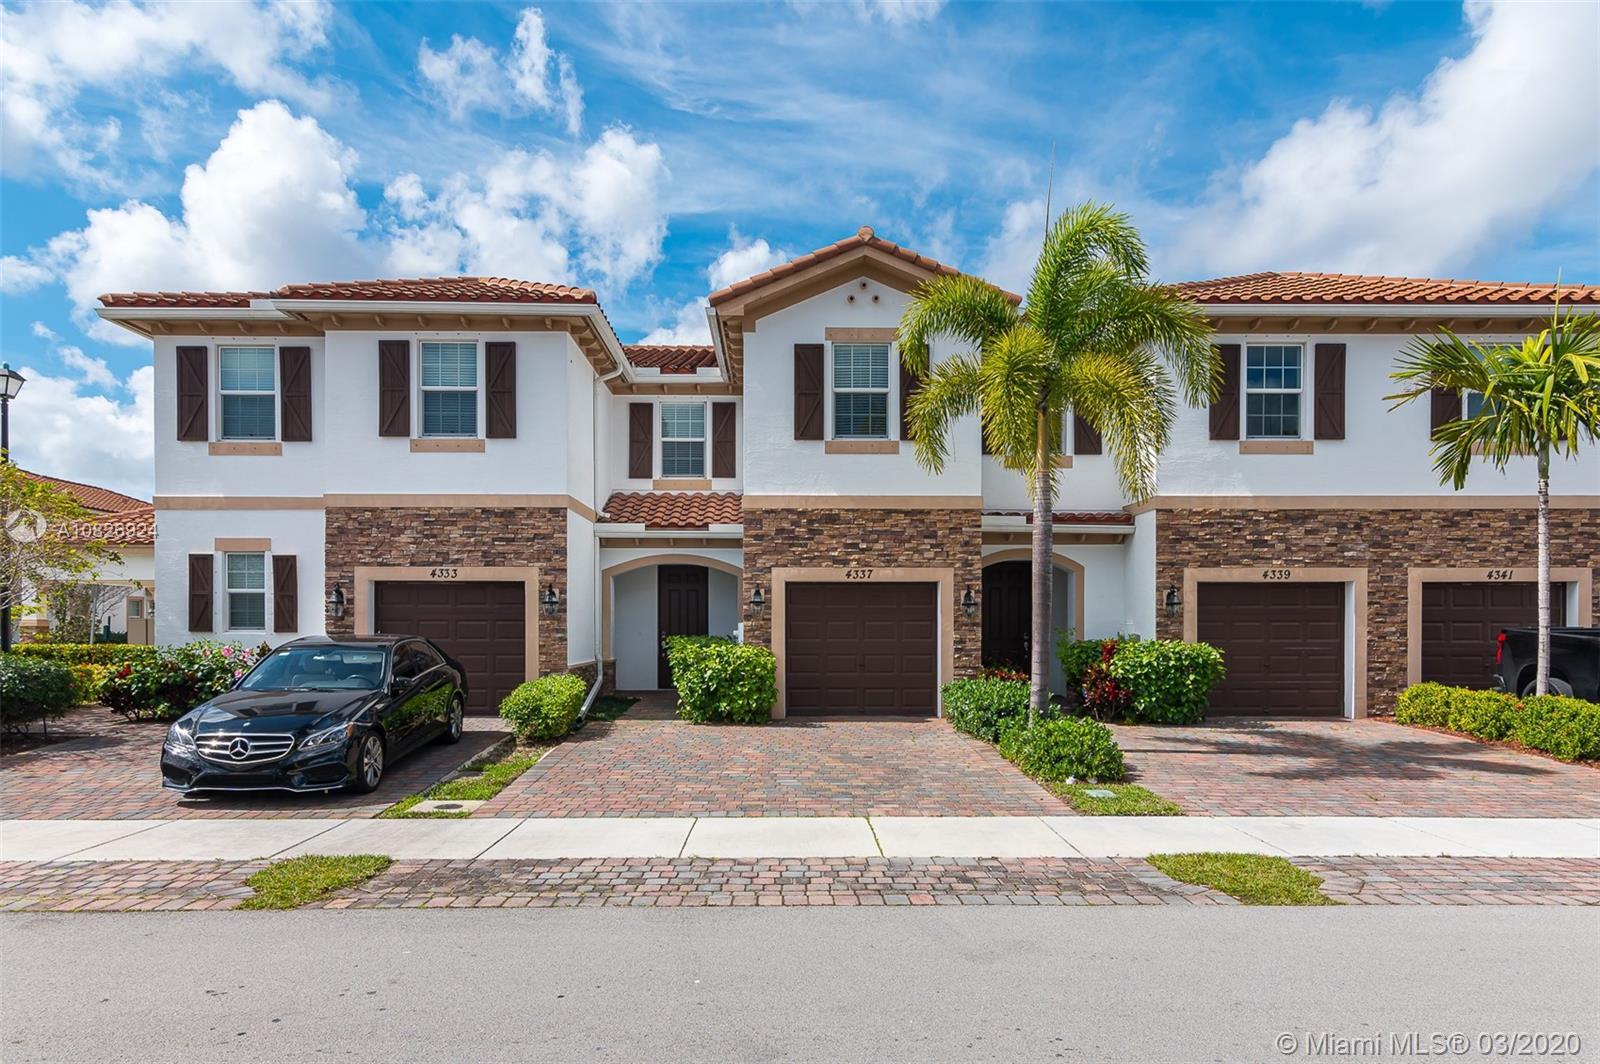 4337 Chalmers Ln, West Palm Beach, FL 33417